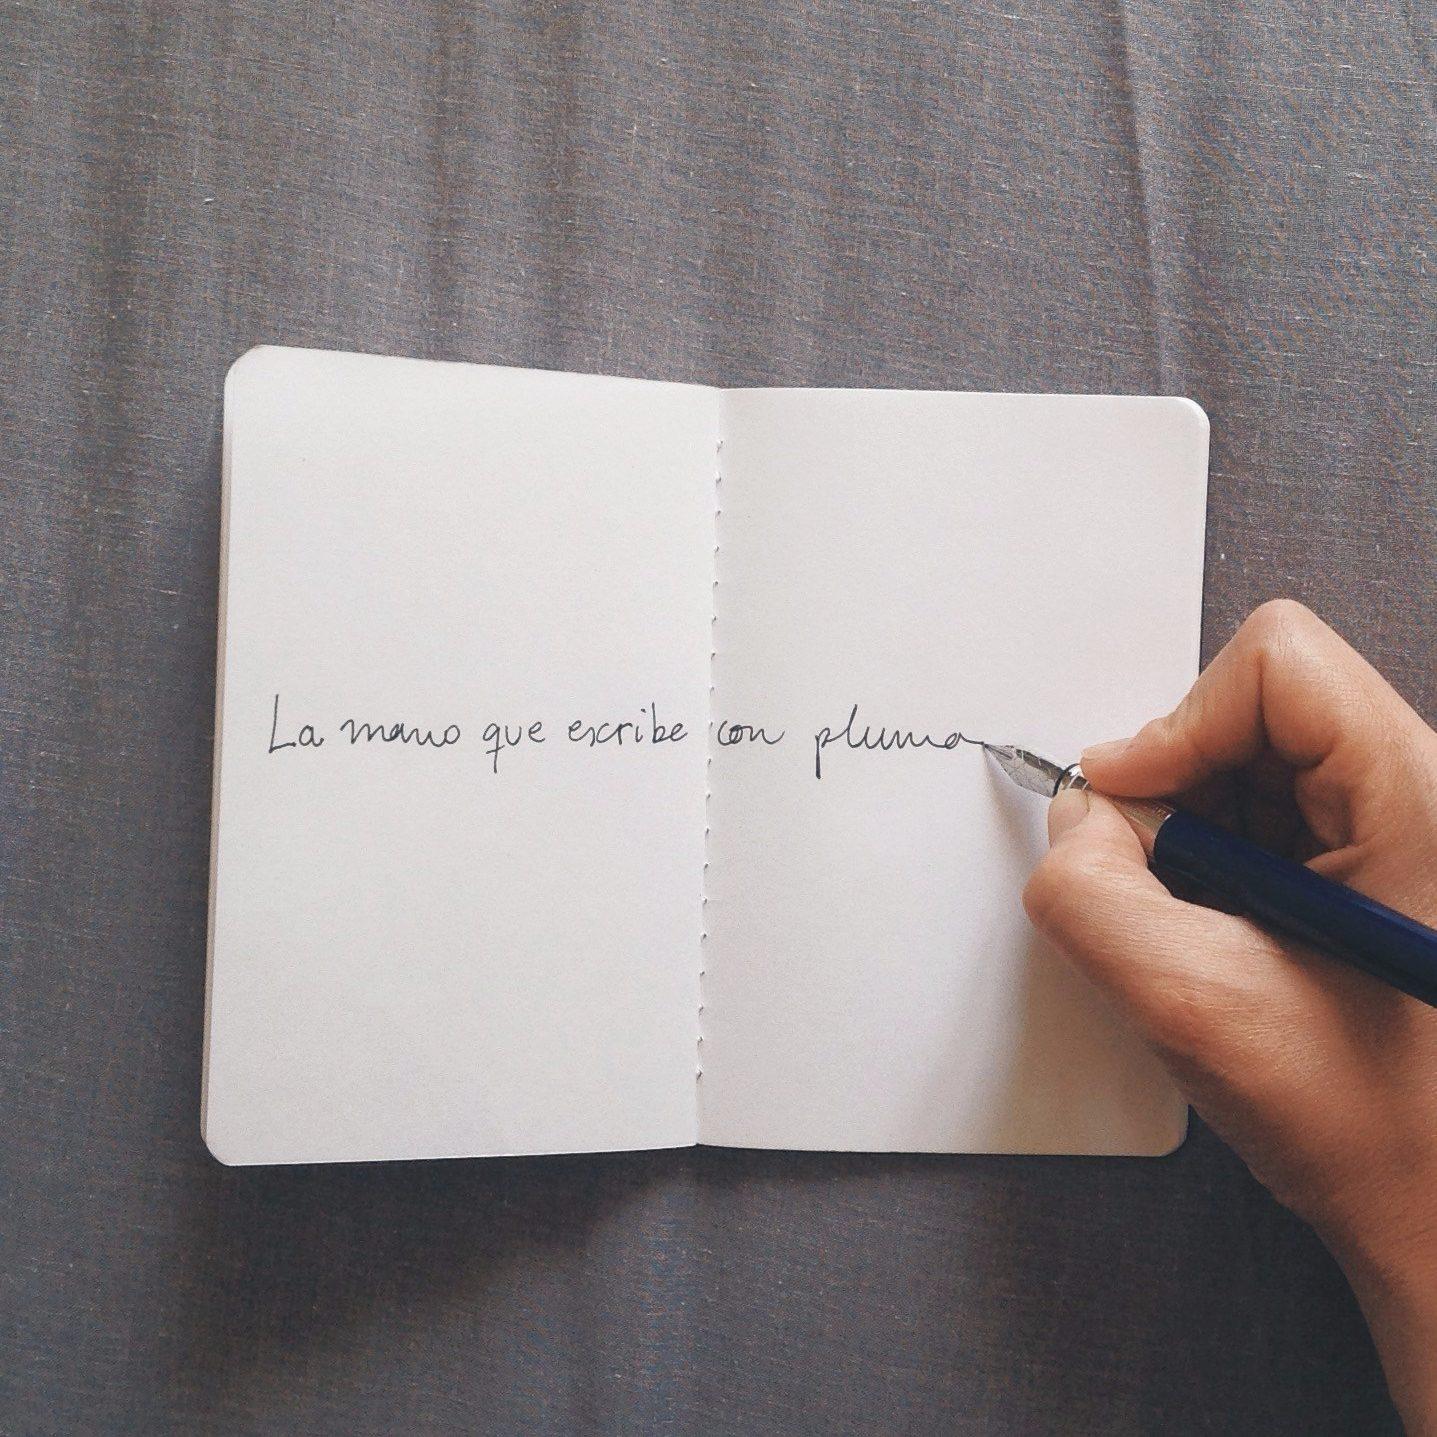 La mano que escribe con pluma (por María López Villarquide)